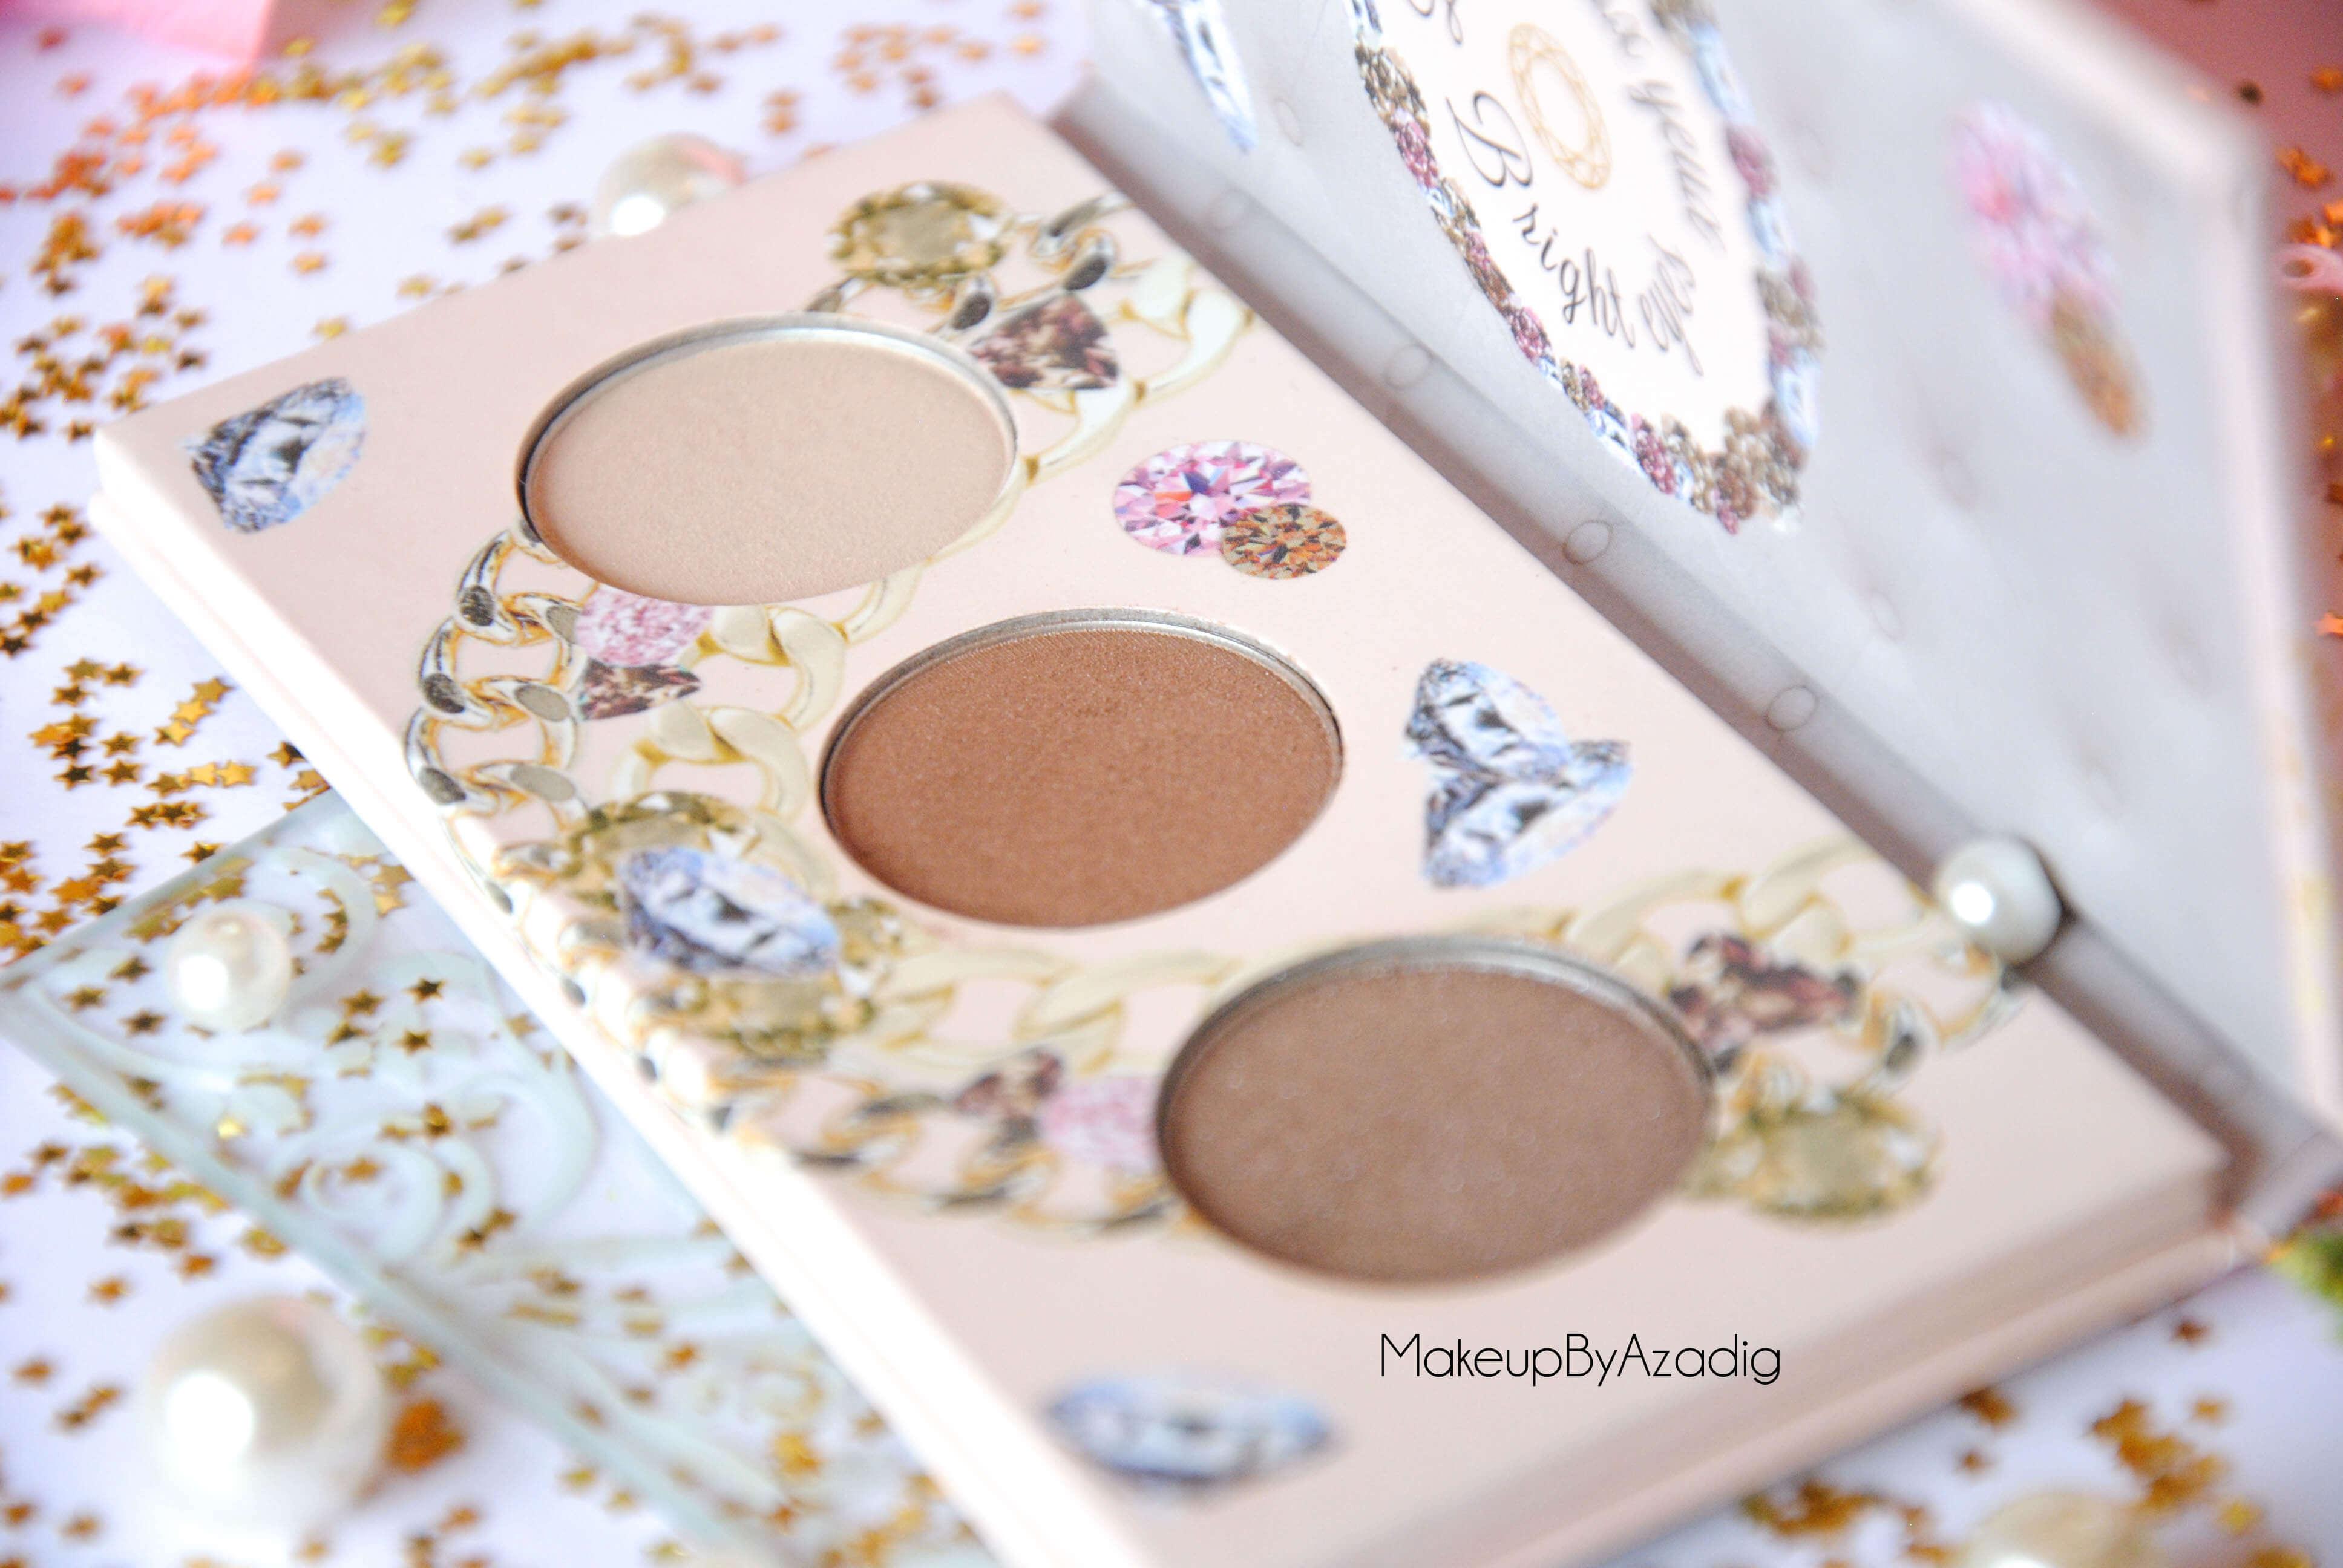 makeupbyazadig-palette-fards-paupieres-lollipops-paris-precieuse-monoprix-sephora-troyes-blog-revue-marron